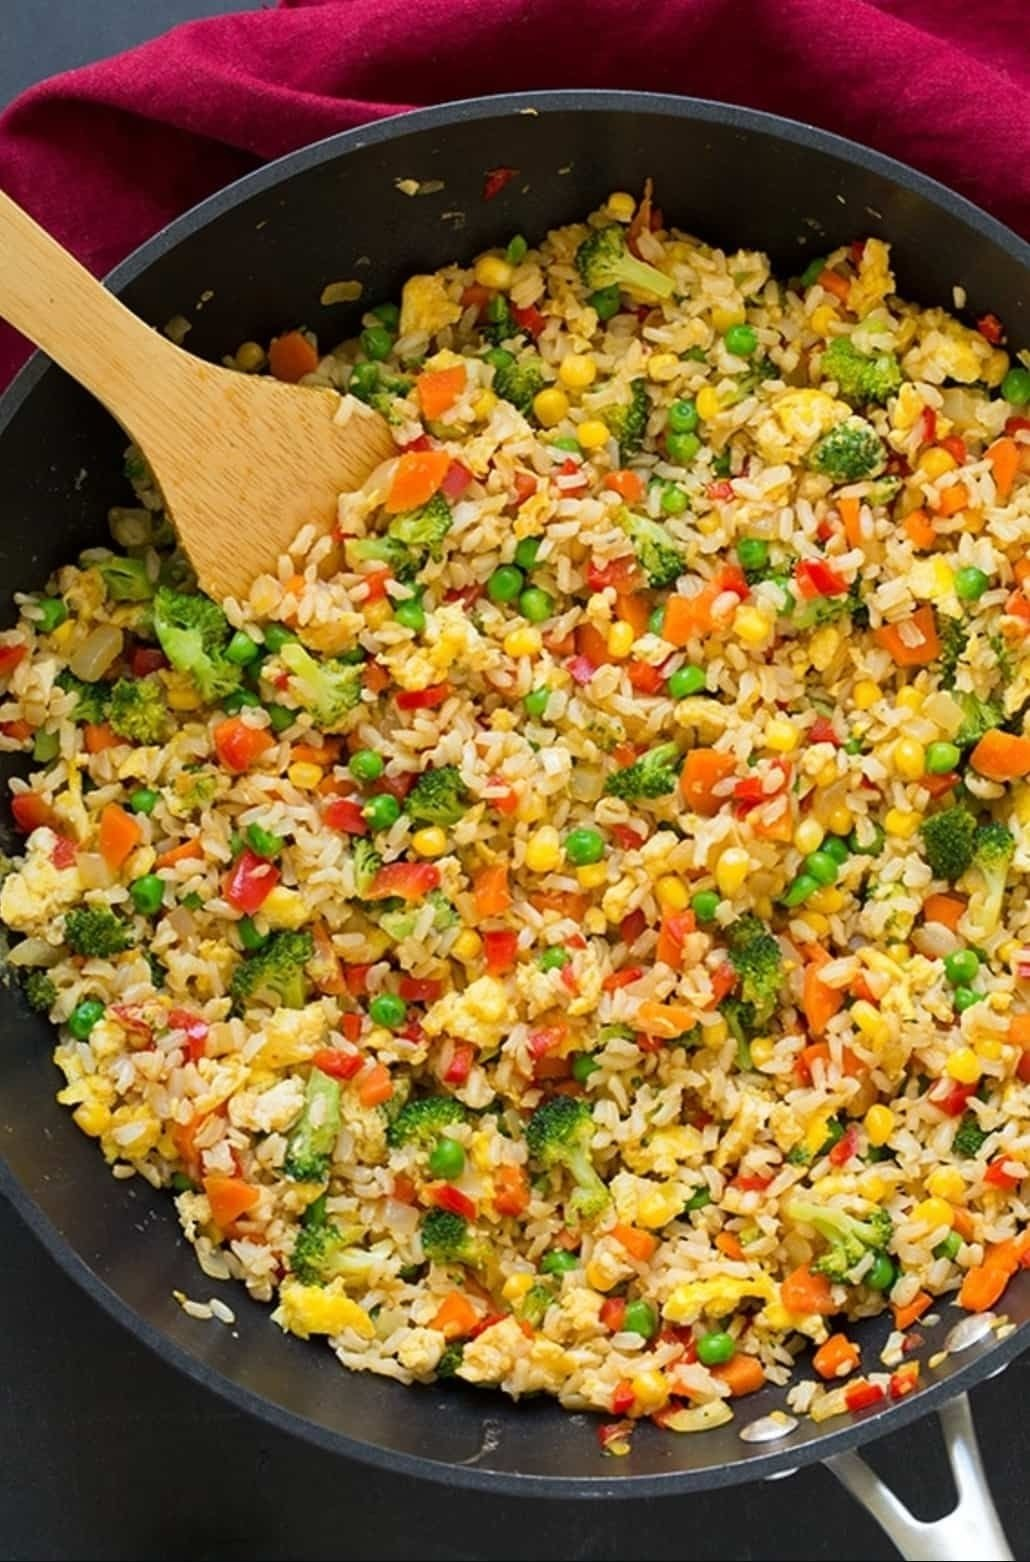 10 Nice Dinner Ideas For Pregnant Women 21 easy healthy recipes for pregnant women healthy pregnancy diet 2020